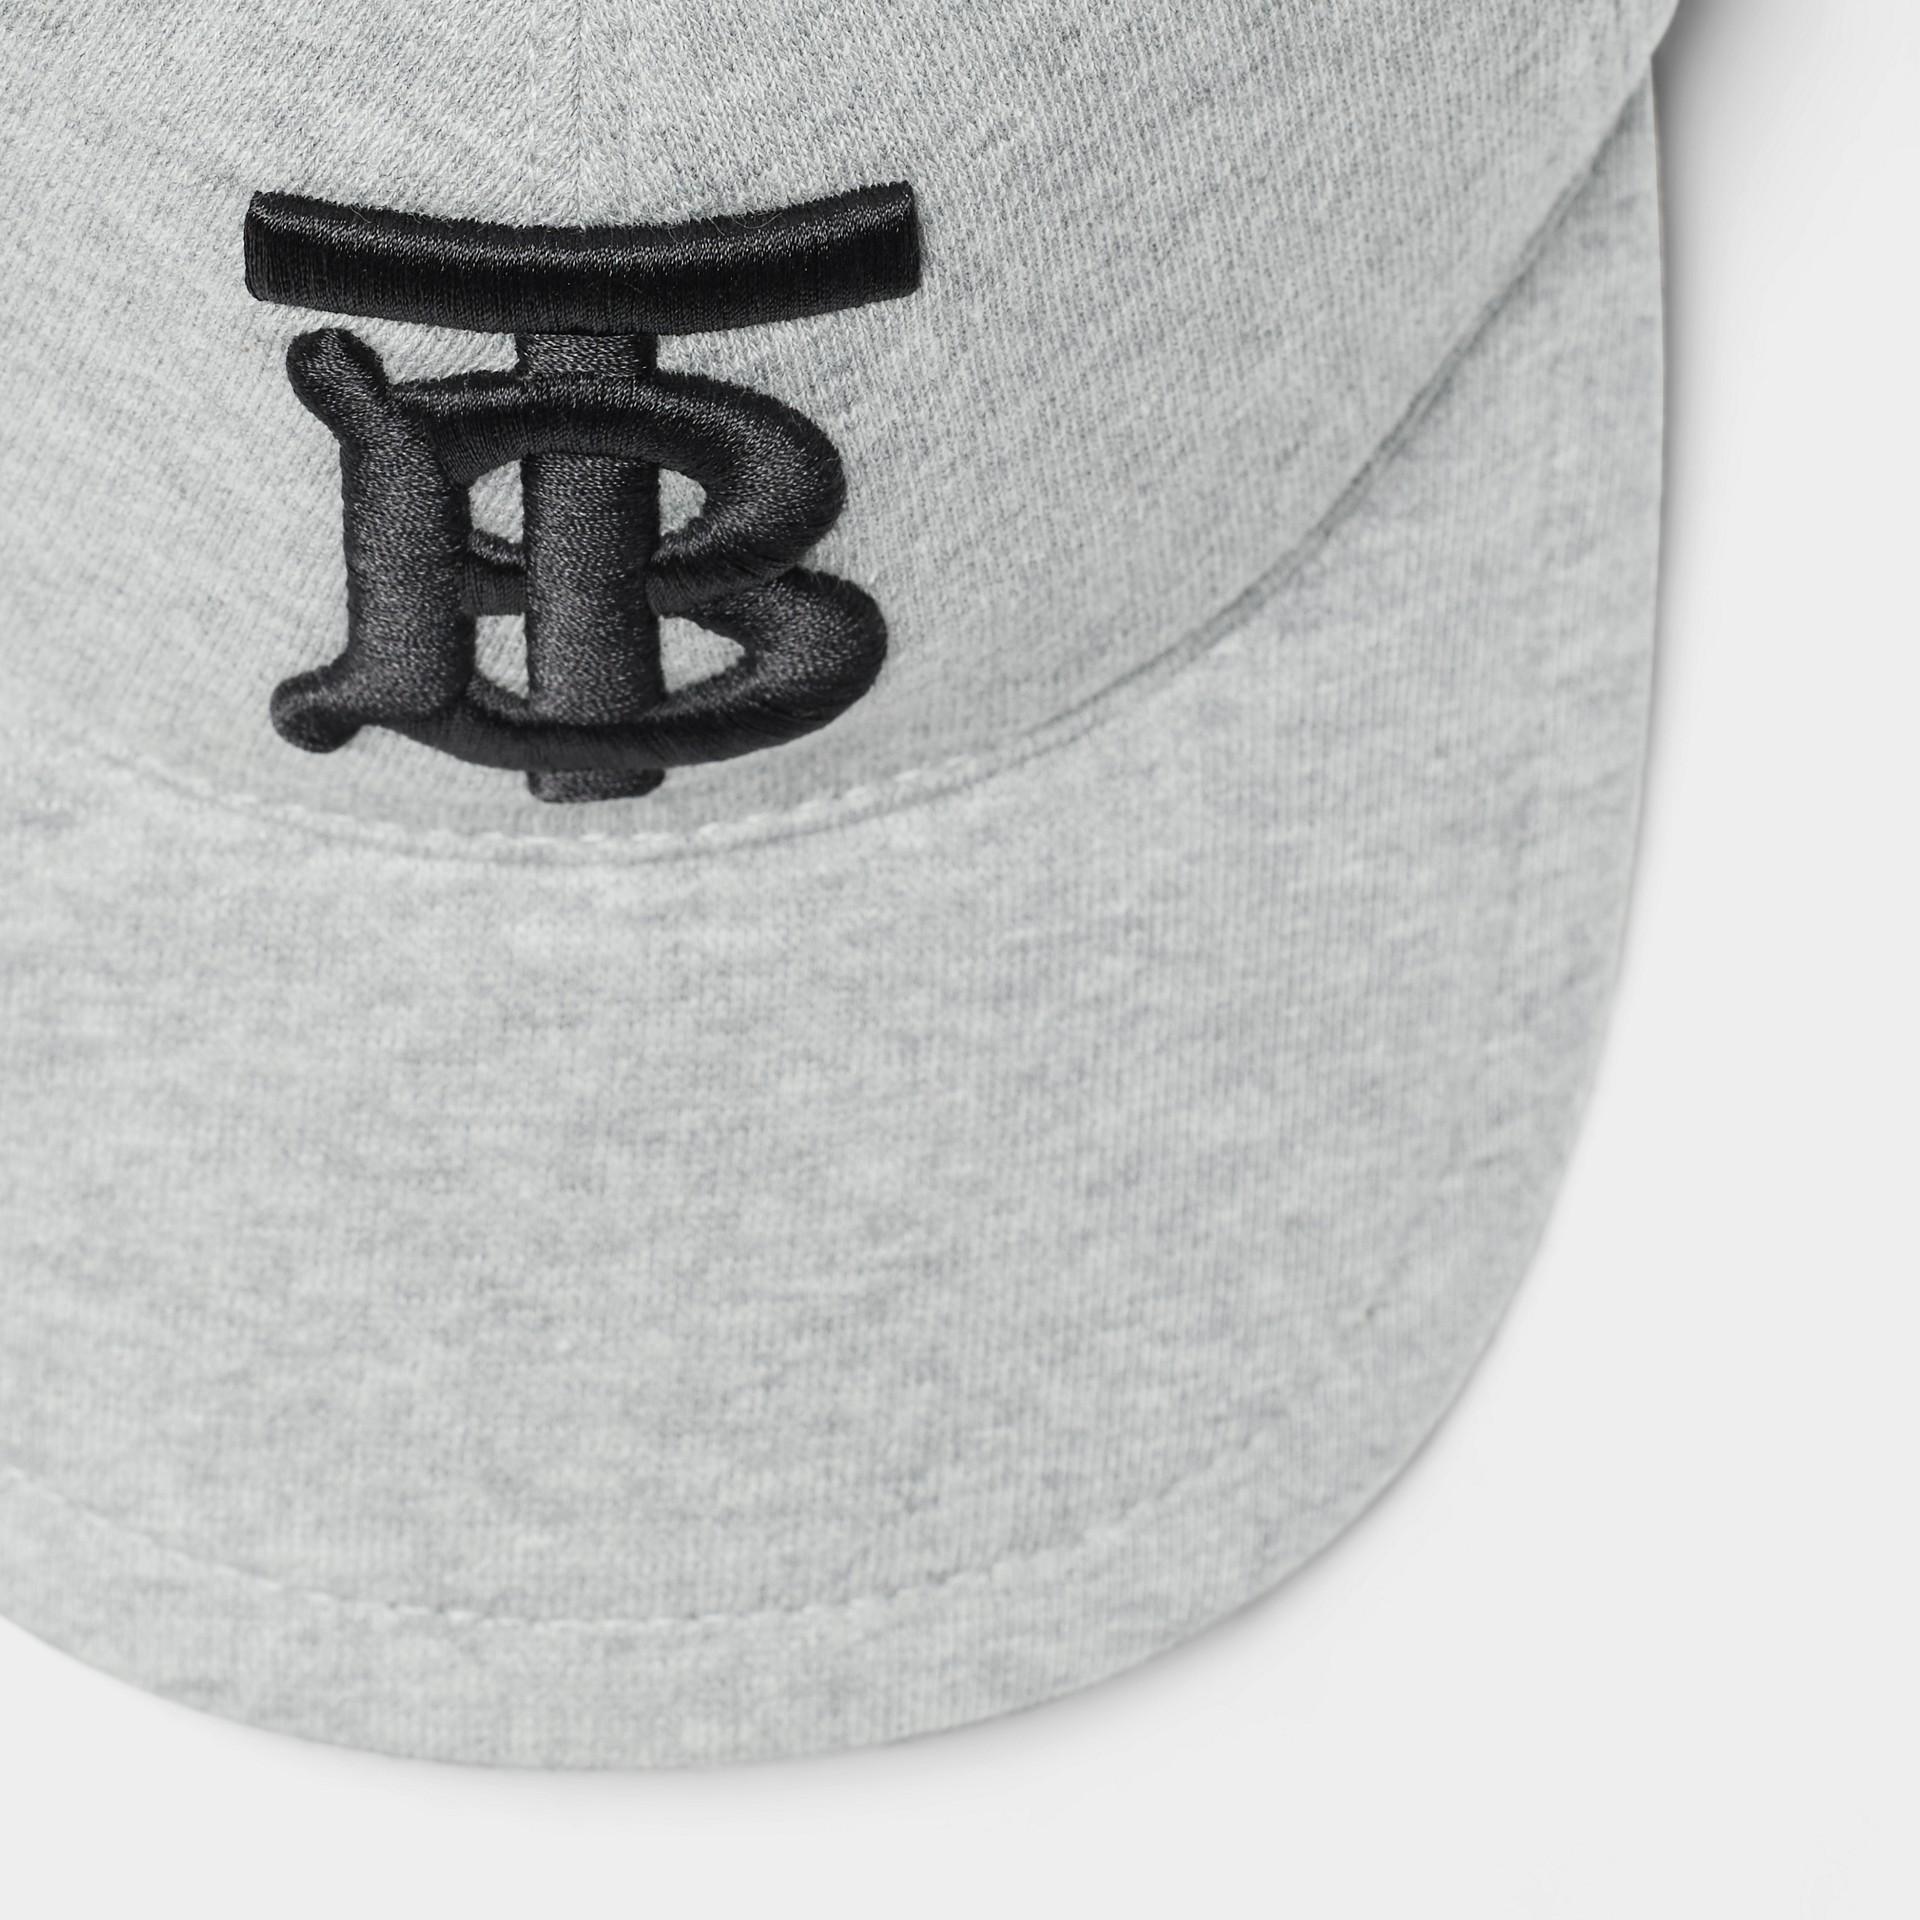 Бейсболка с монограммой Burberry (Светло-серый Меланж) | Burberry - изображение 1